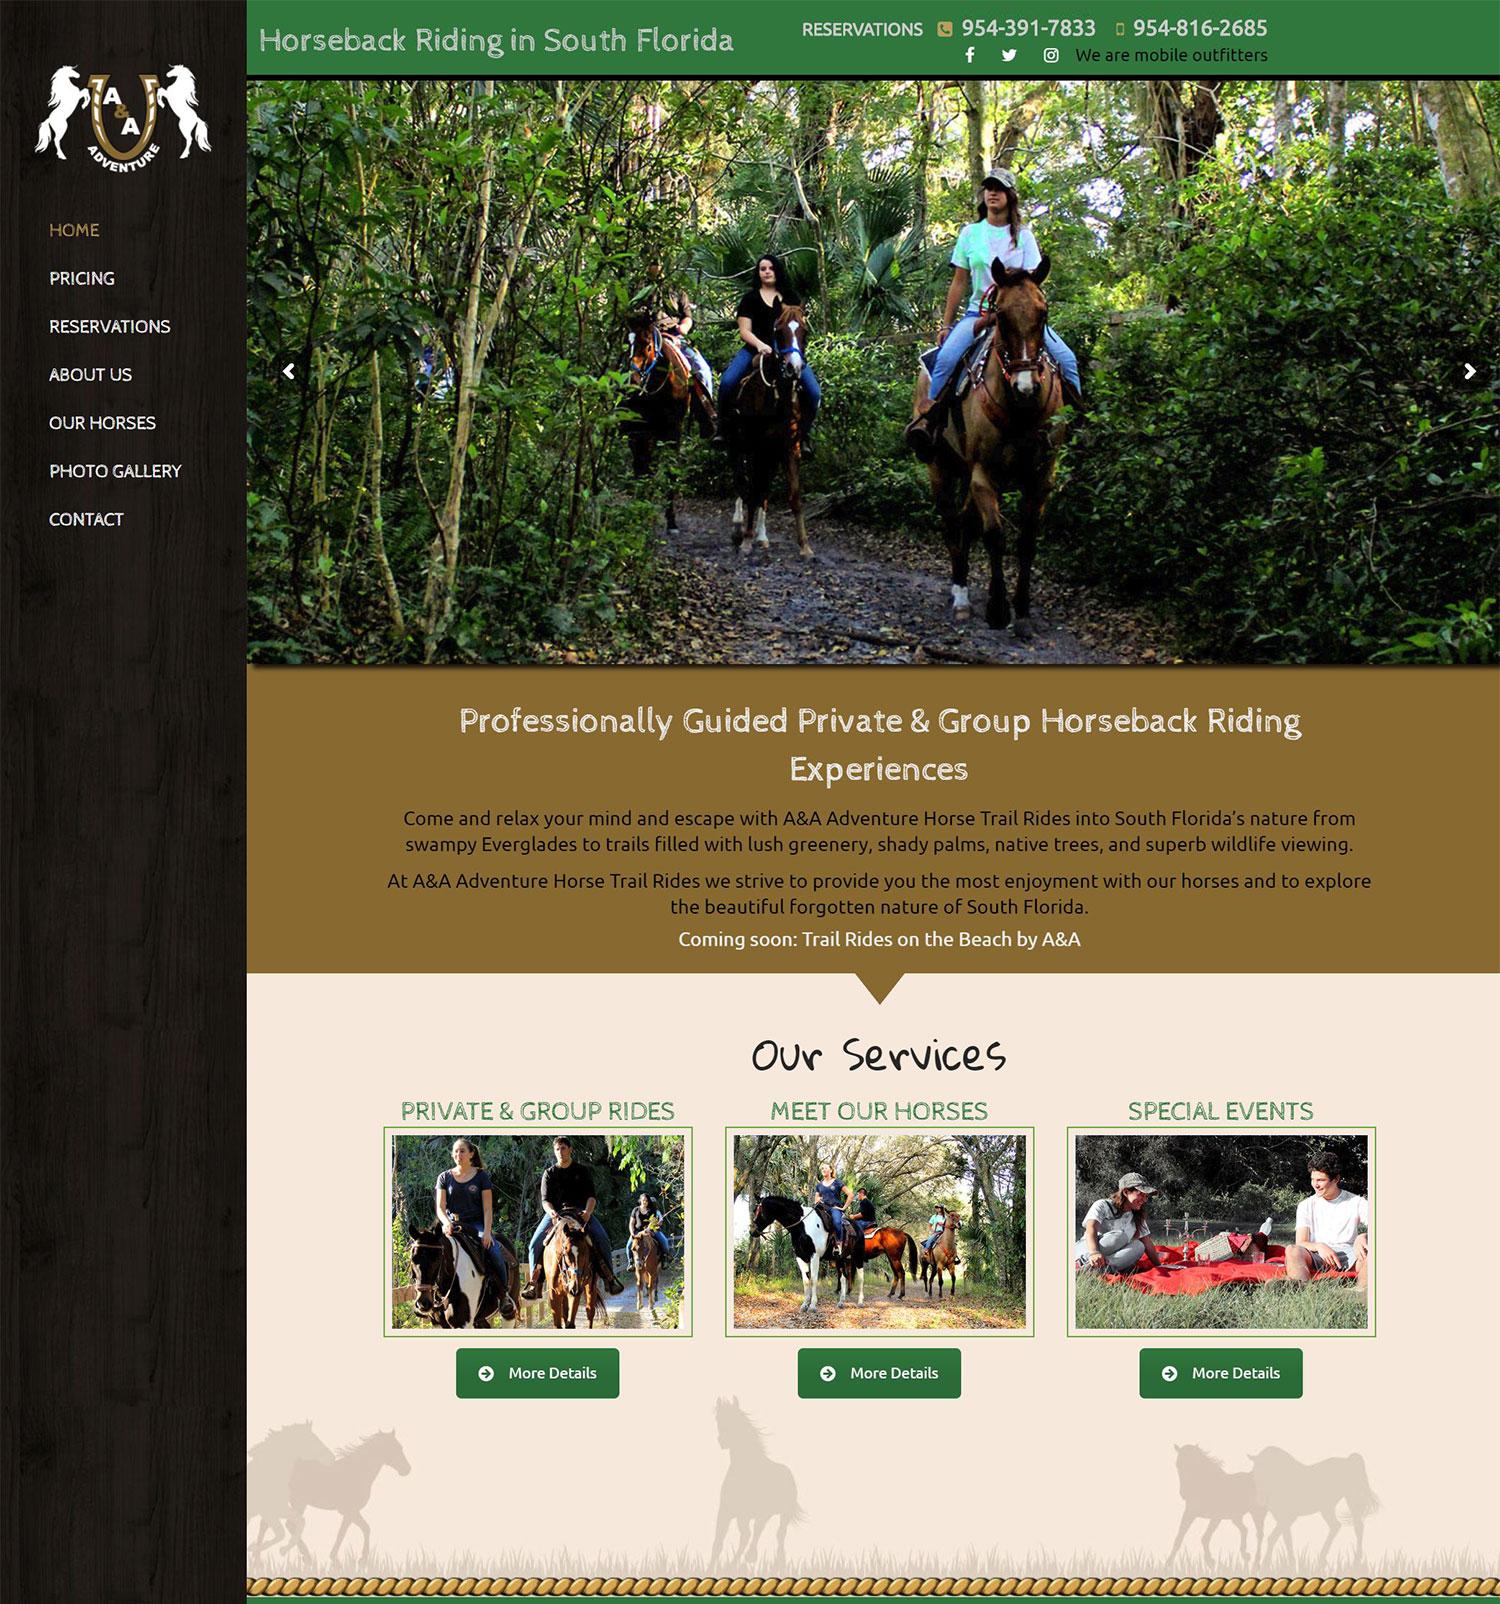 A&A-Adventure-Horse-Trail-Rides.jpg